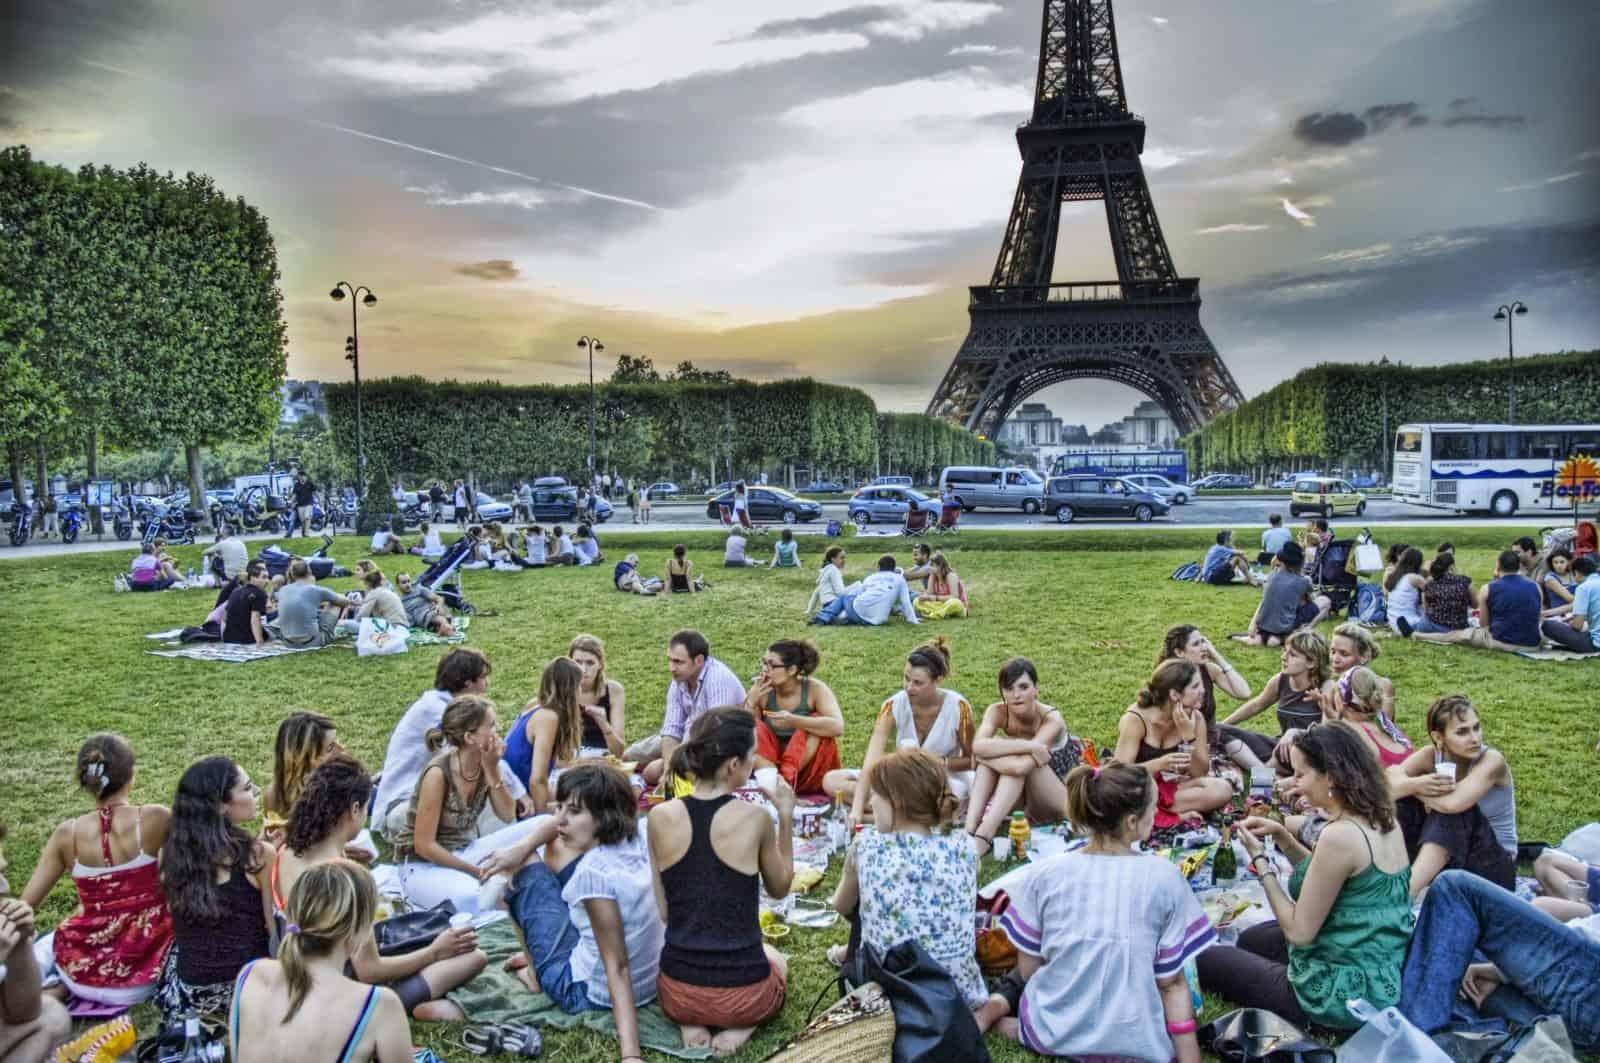 An American Twenty-Something in Paris